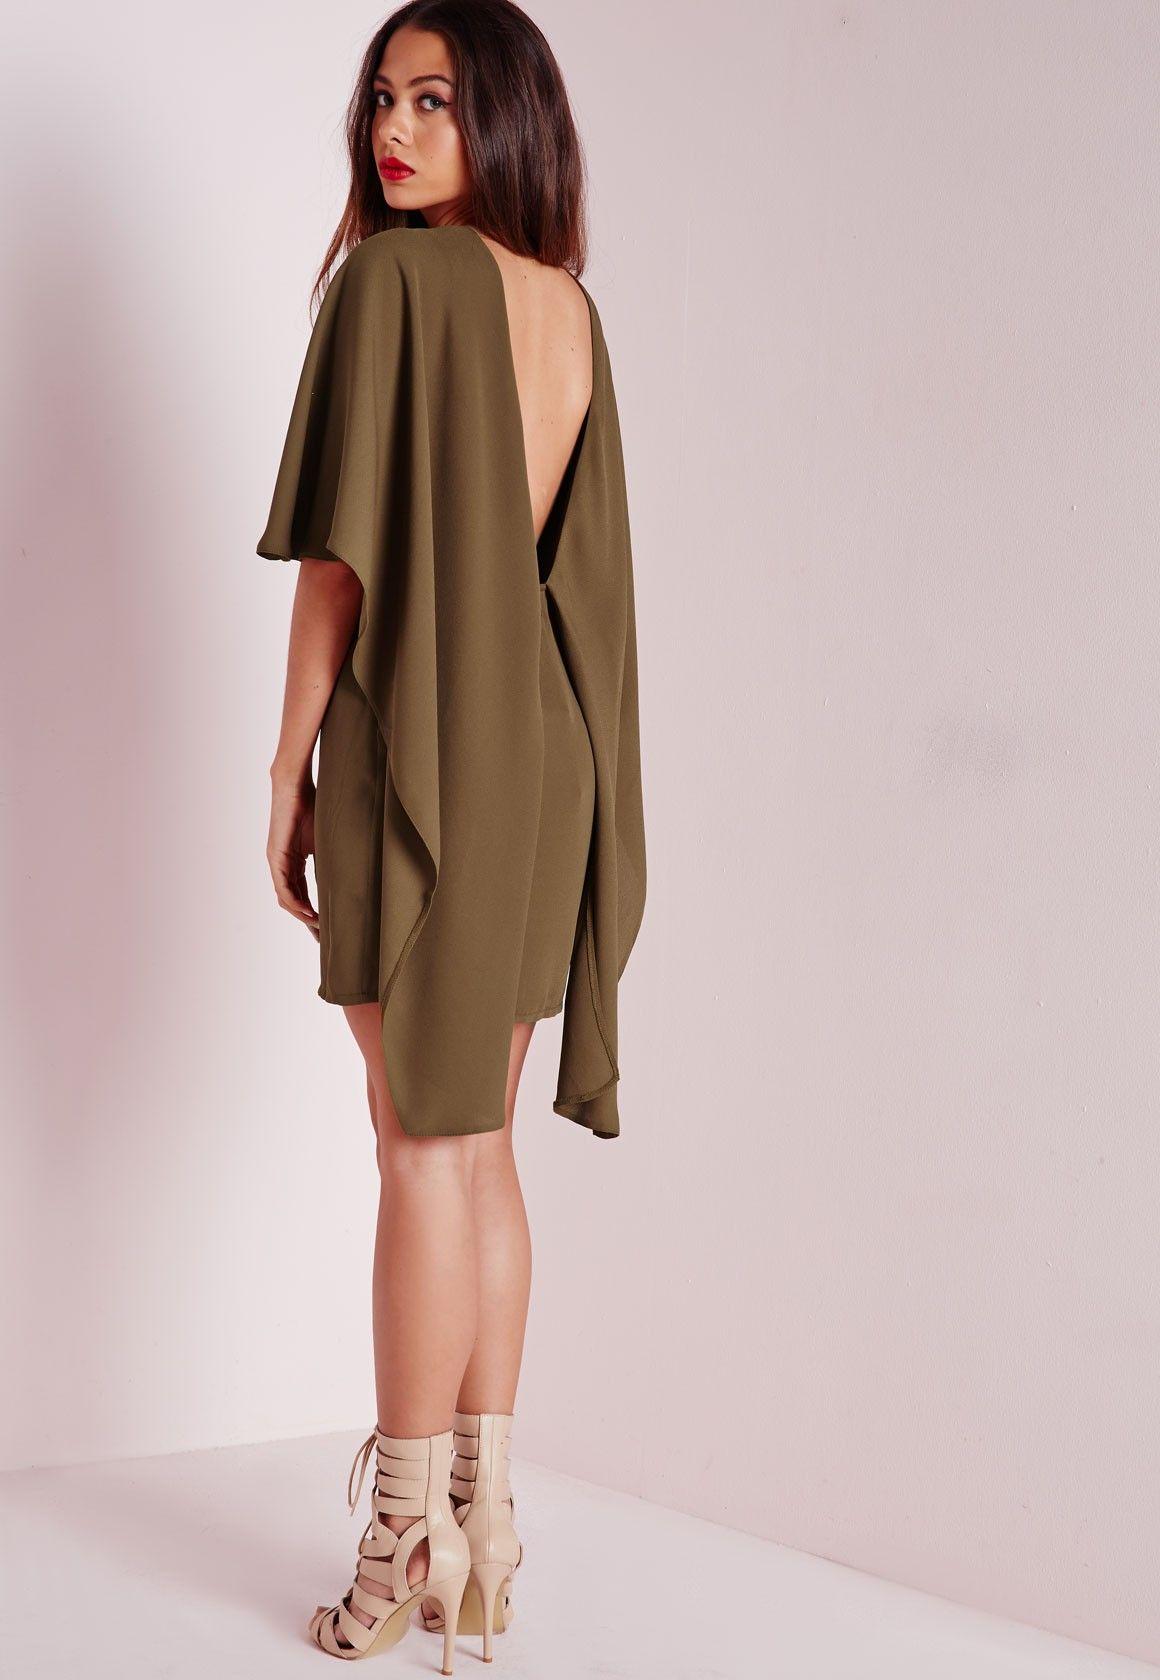 Missguided - Robe moulante effet cape en crêpe vert kaki